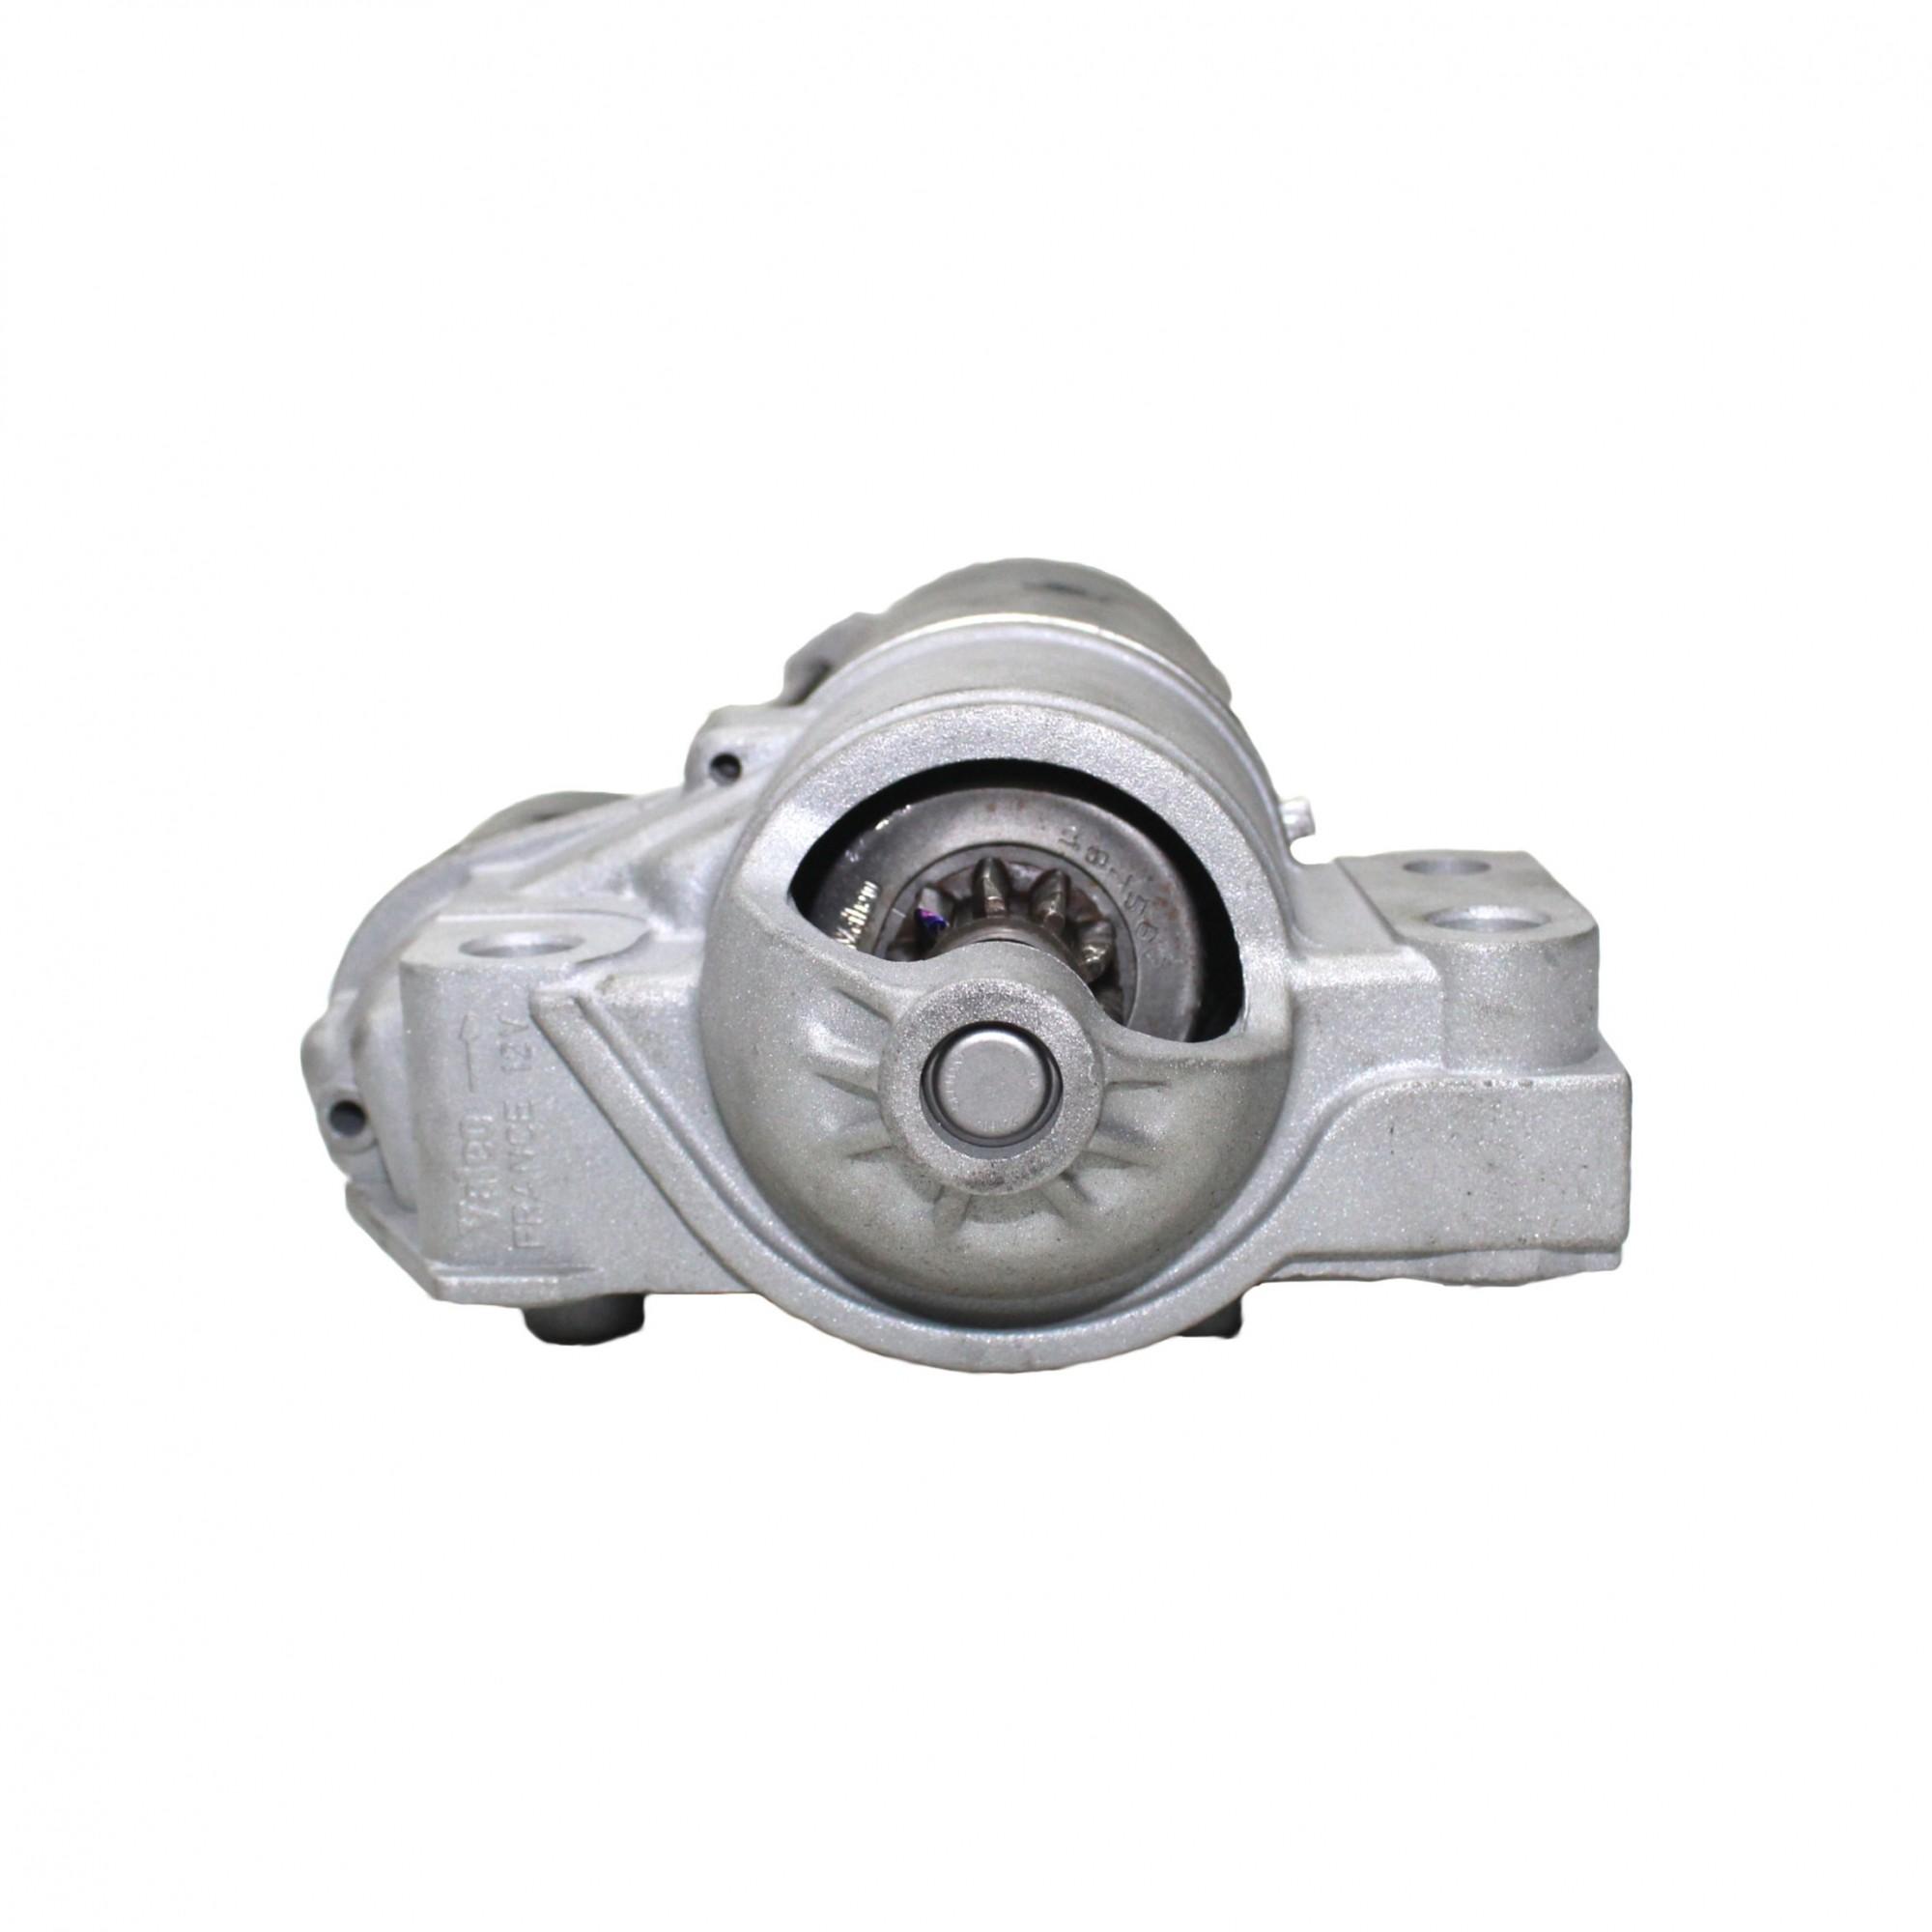 Motor de Arranque Partida Valeo Peugeot V6 406, 407, 607